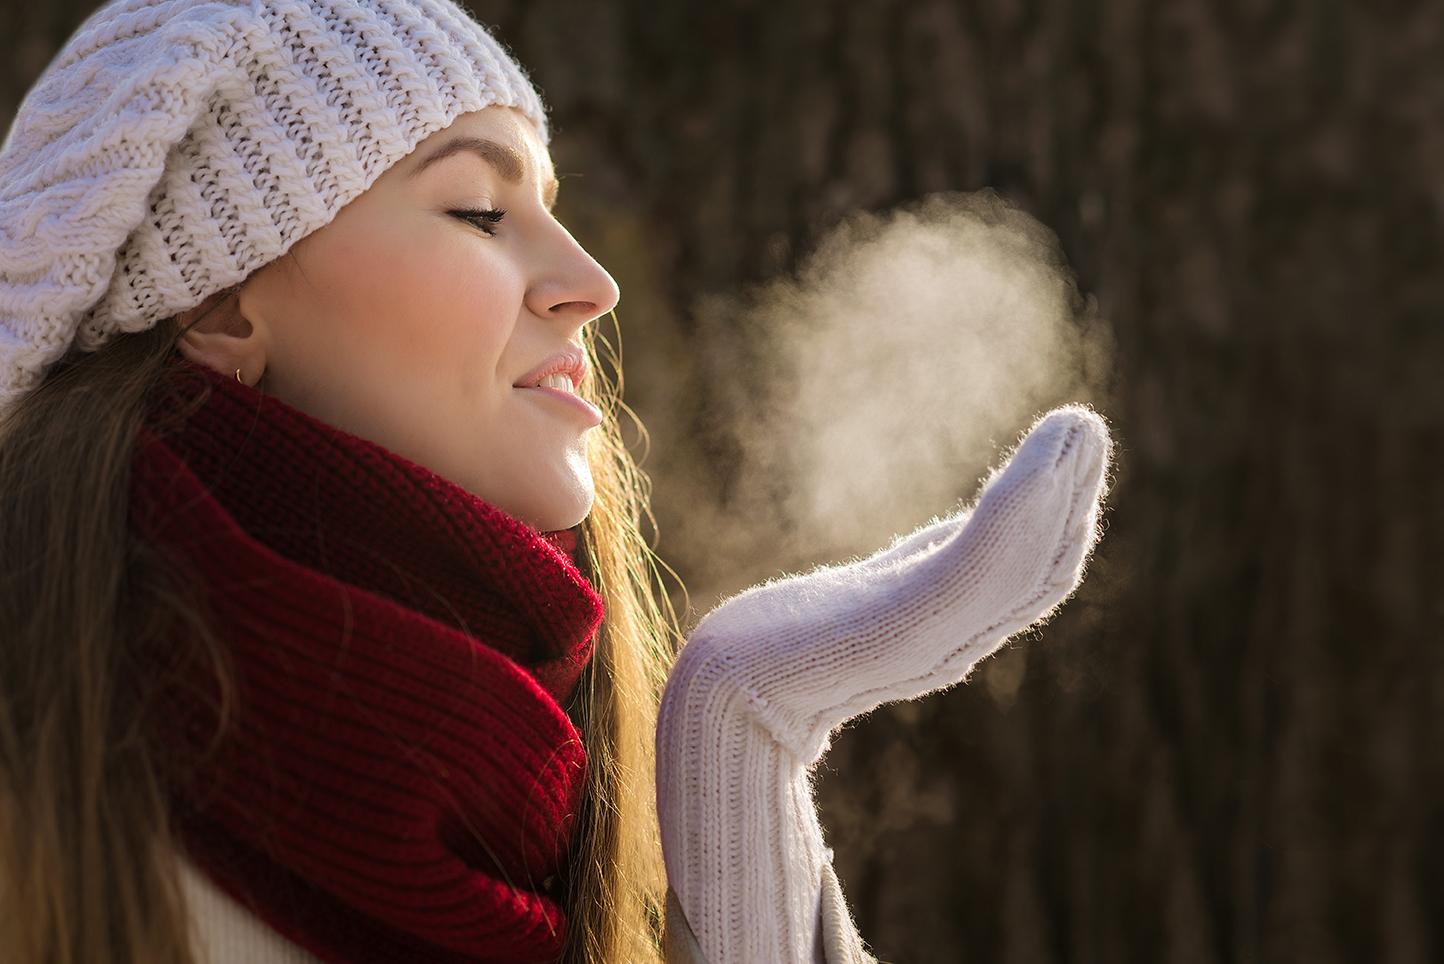 Åndedræt - det kan du opnå ved hjælp af åndendrættet